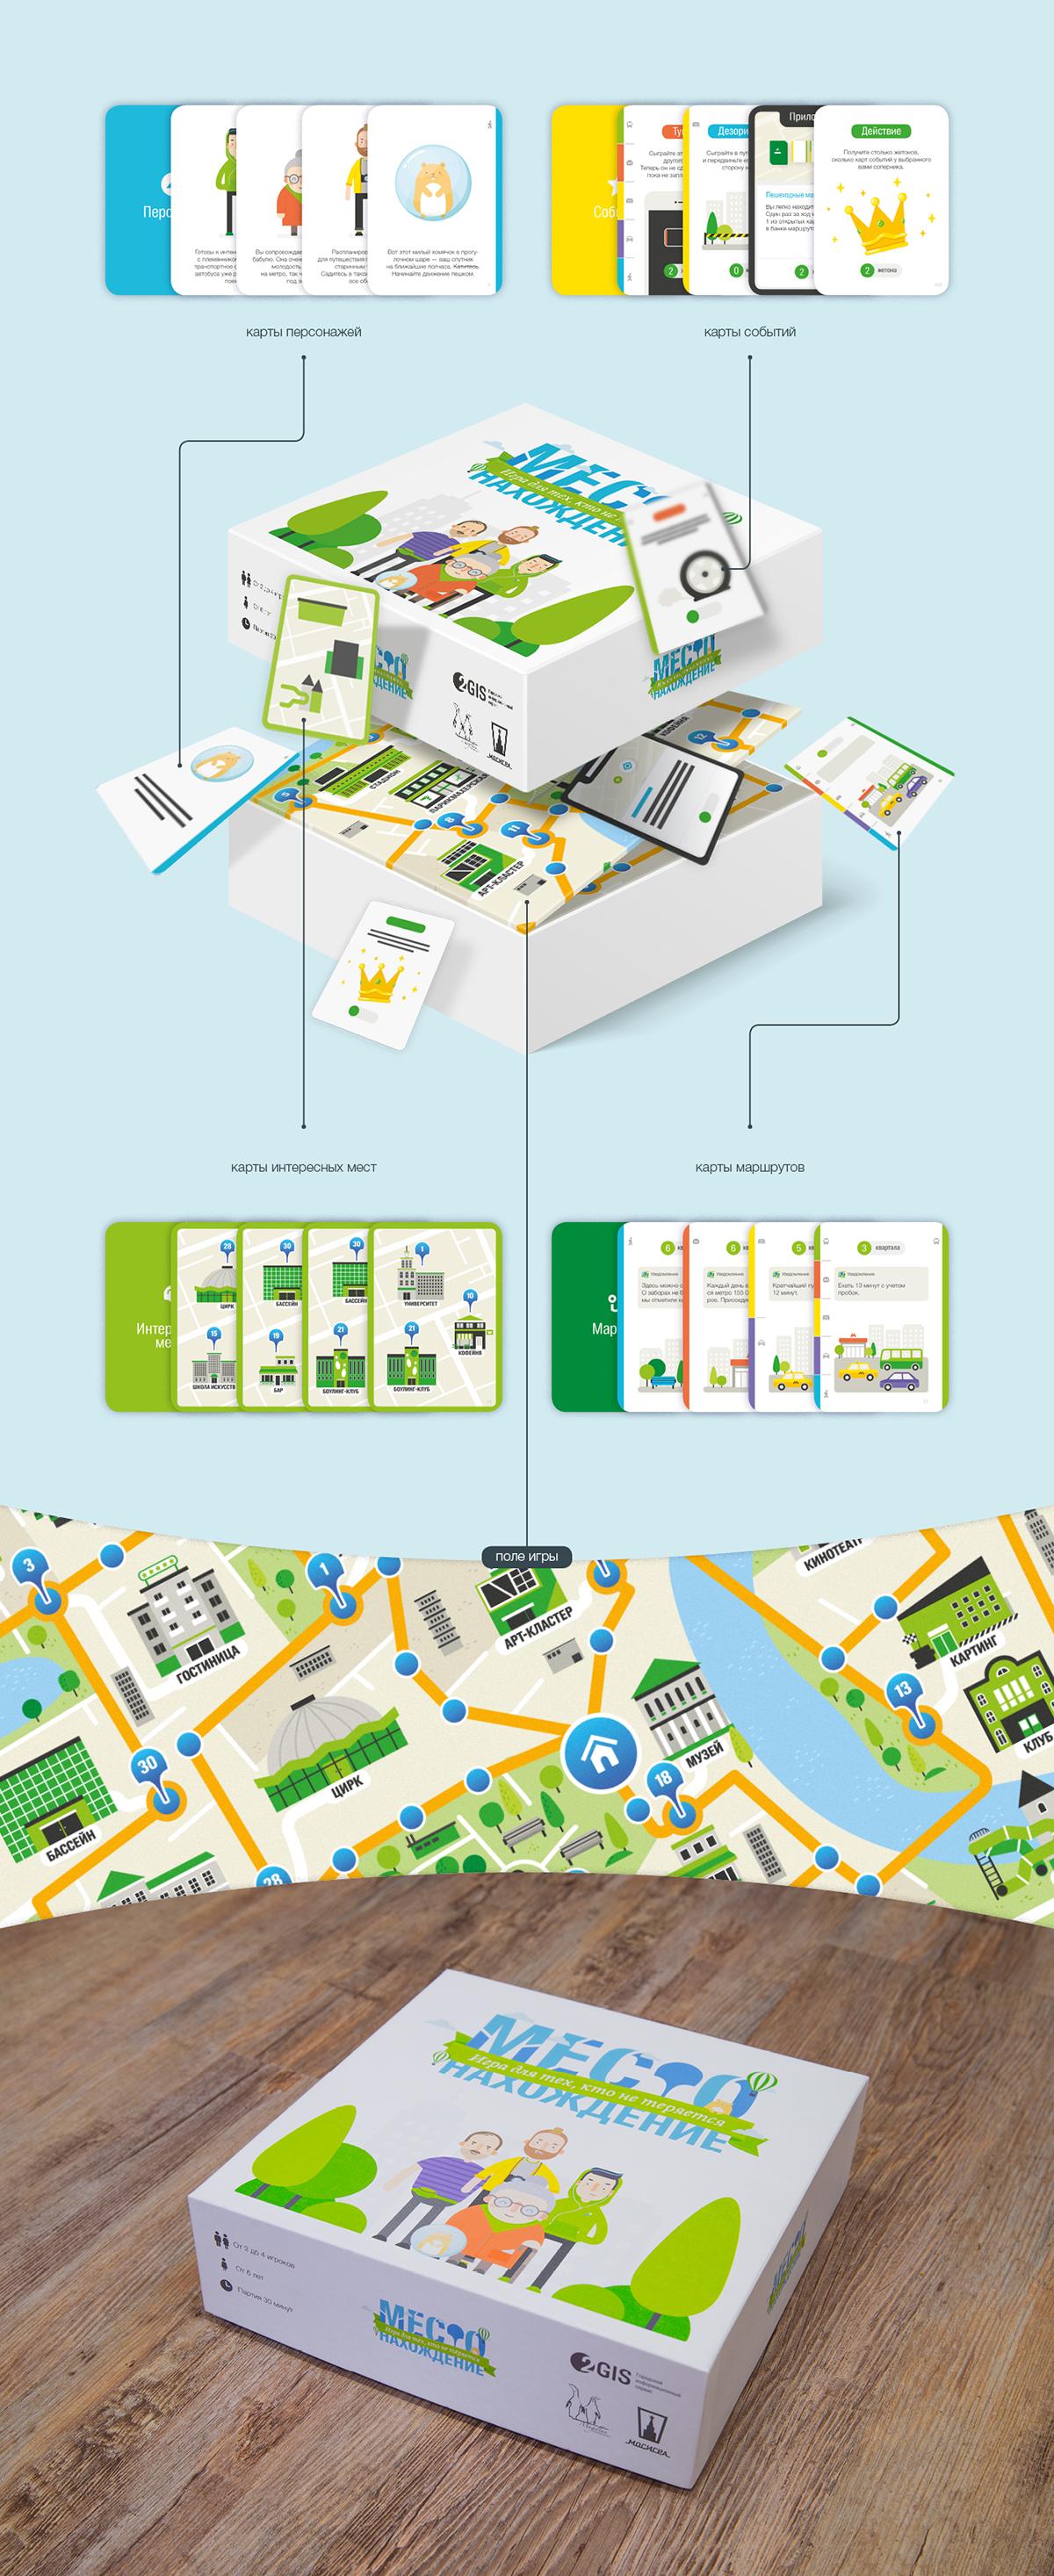 Game 2GIS on Behance Дизайн упаковки, Игровой дизайн